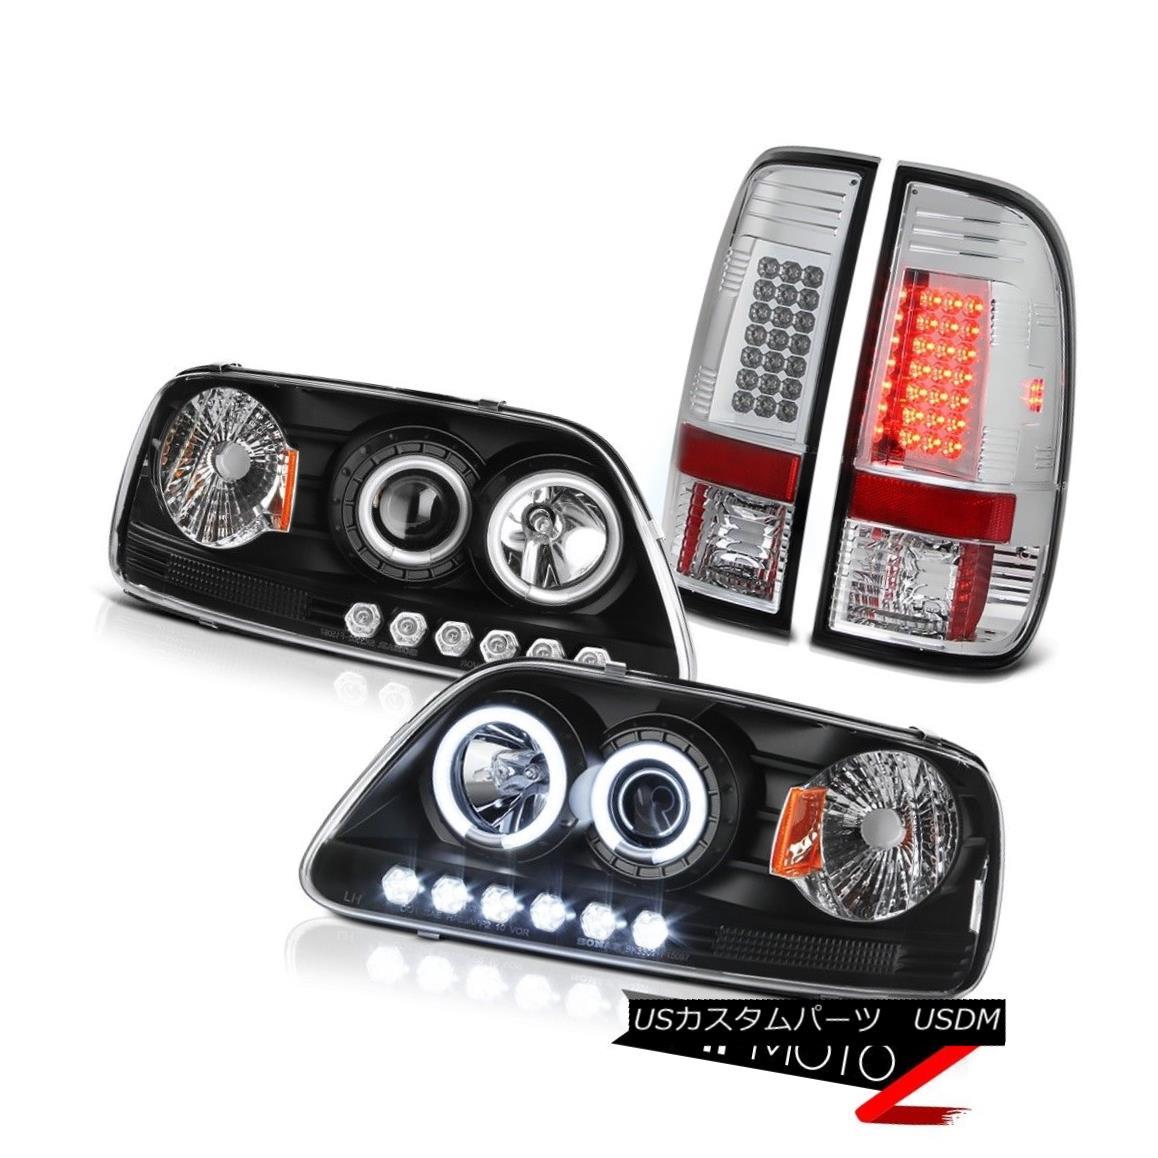 テールライト F150 XL 1999 2000 2001 Halo Rim CCFL Headlamps SMD Rear Tail Lights Brightest F150 XL 1999 2000 2001 Halo Rim CCFLヘッドランプSMDリアテールライト